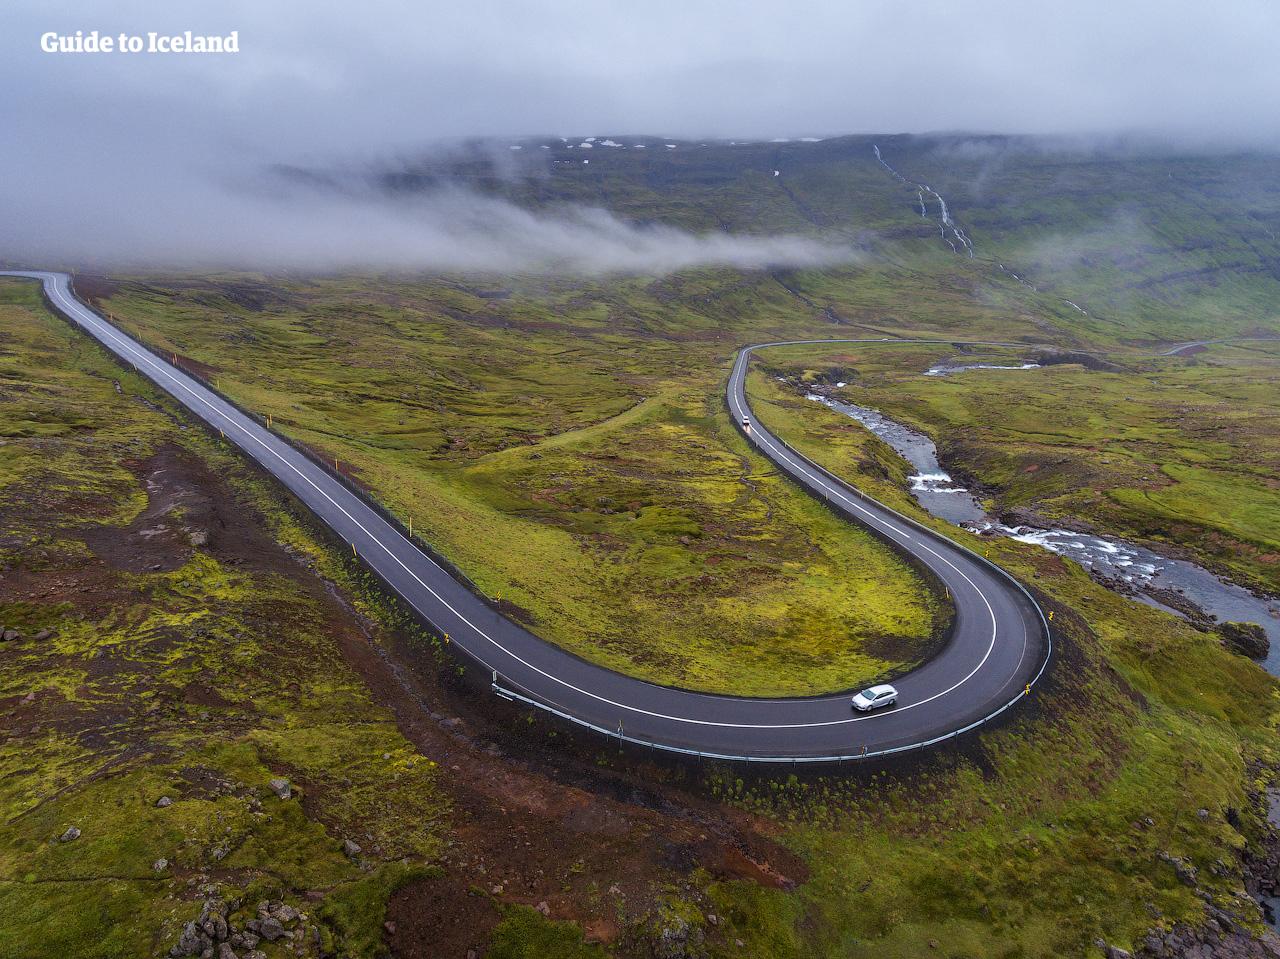 På en leiebiltur har du friheten til å utforske Island i ditt eget tempo.